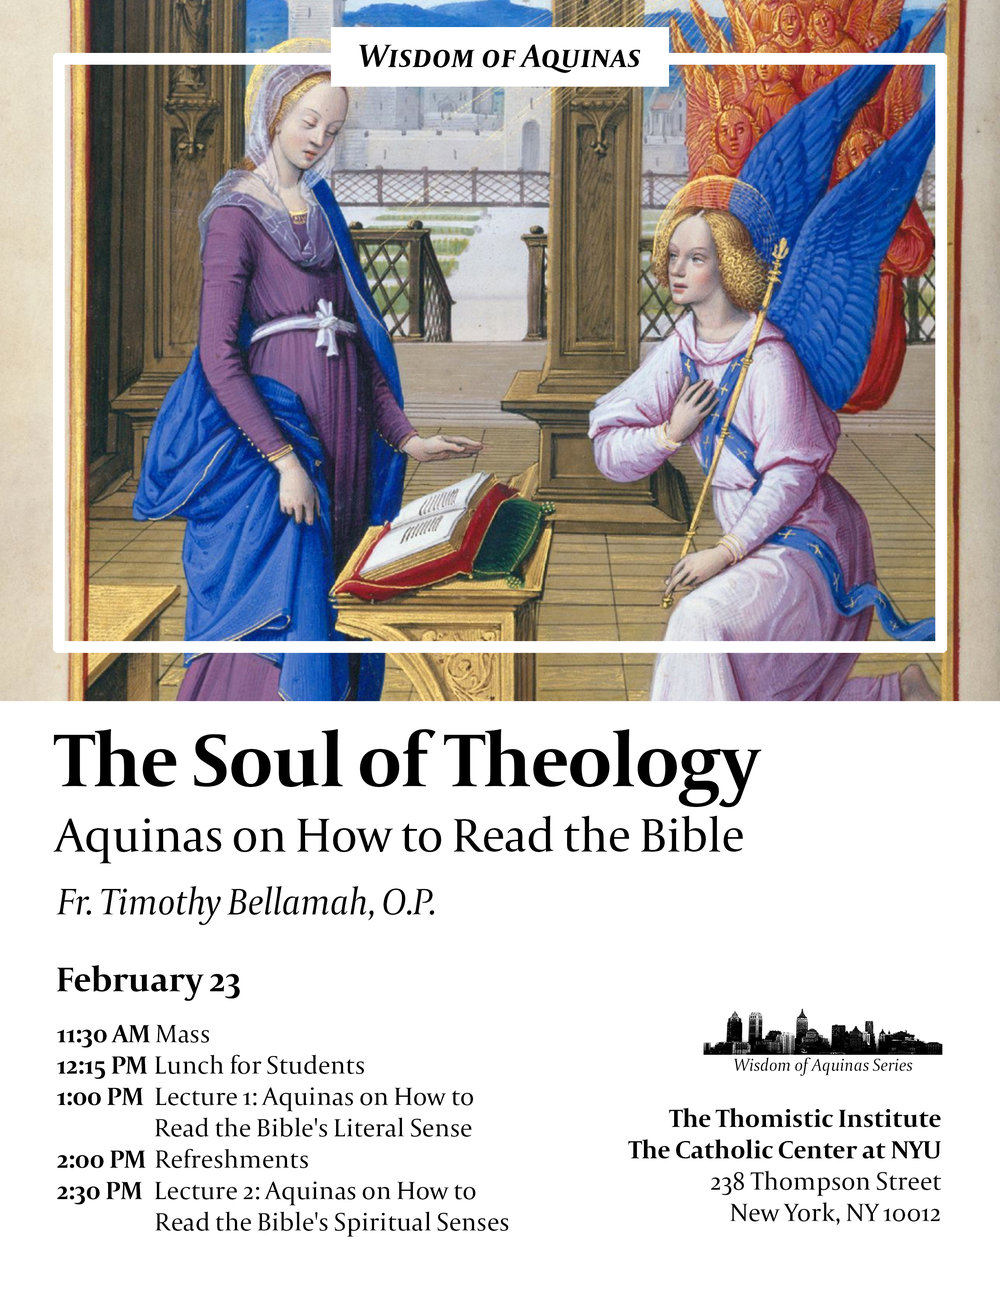 Wisdom of Aquinas 3 Poster.jpg